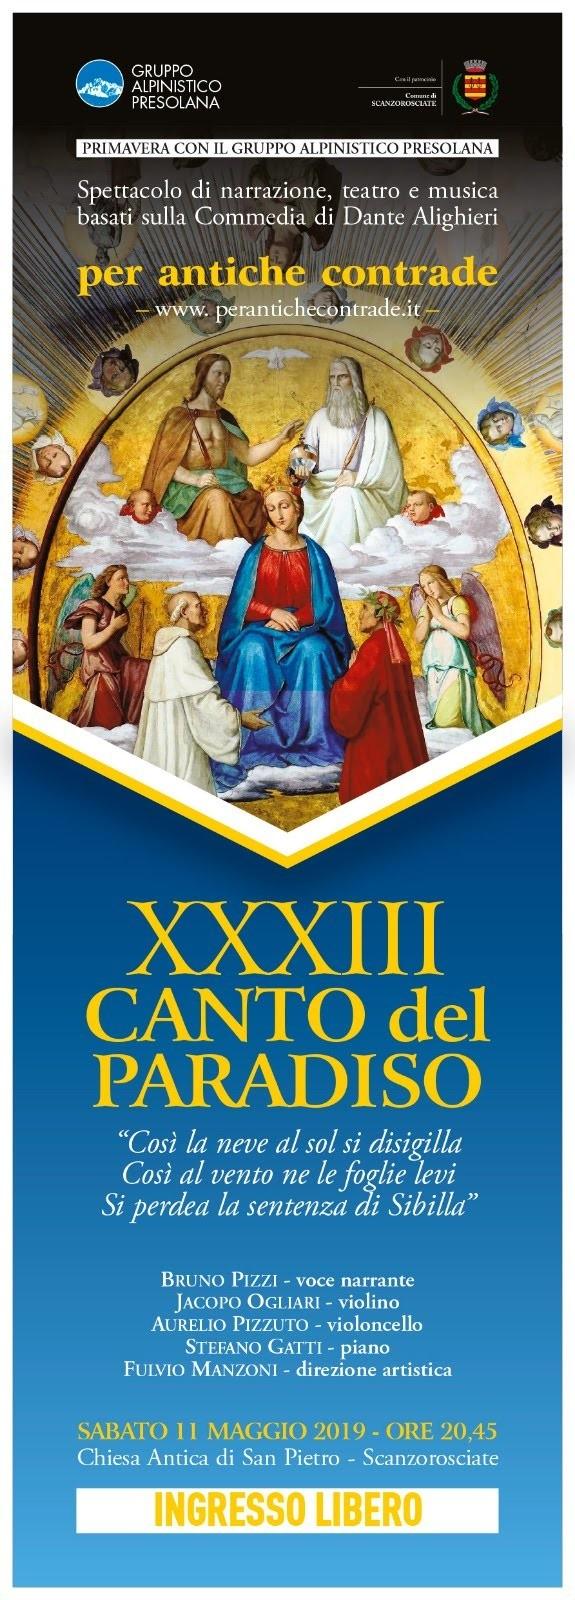 SERATA CULTURALE – XXXIII CANTO DEL PARADISO